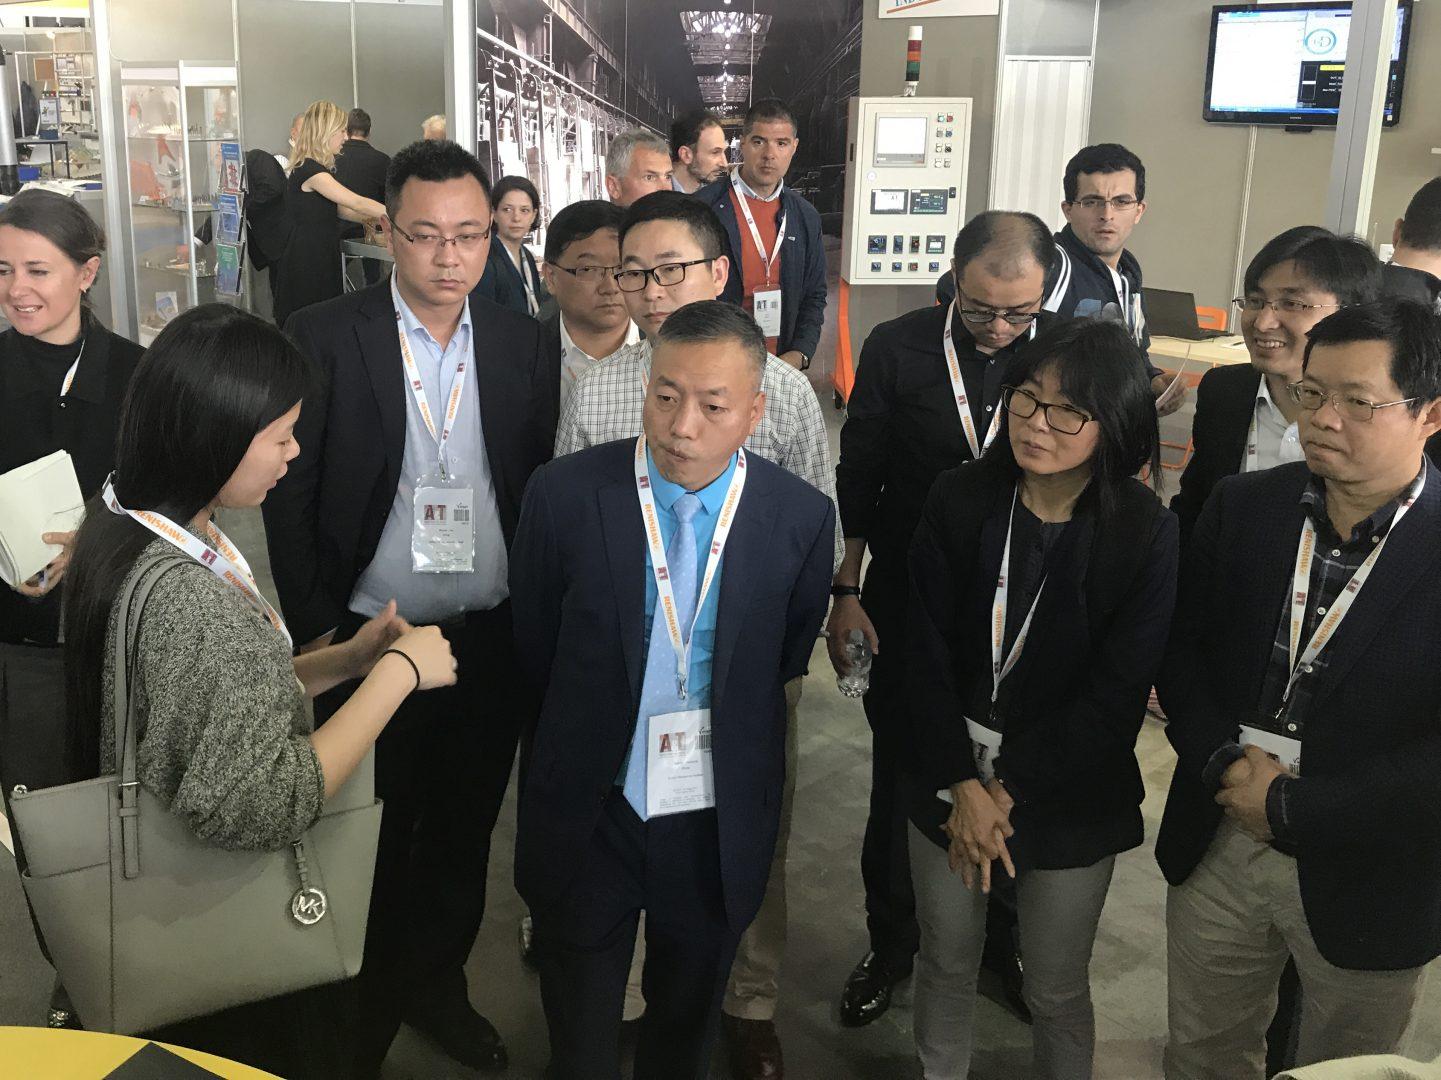 La delegazione Cinese in visita allo stand Mesap